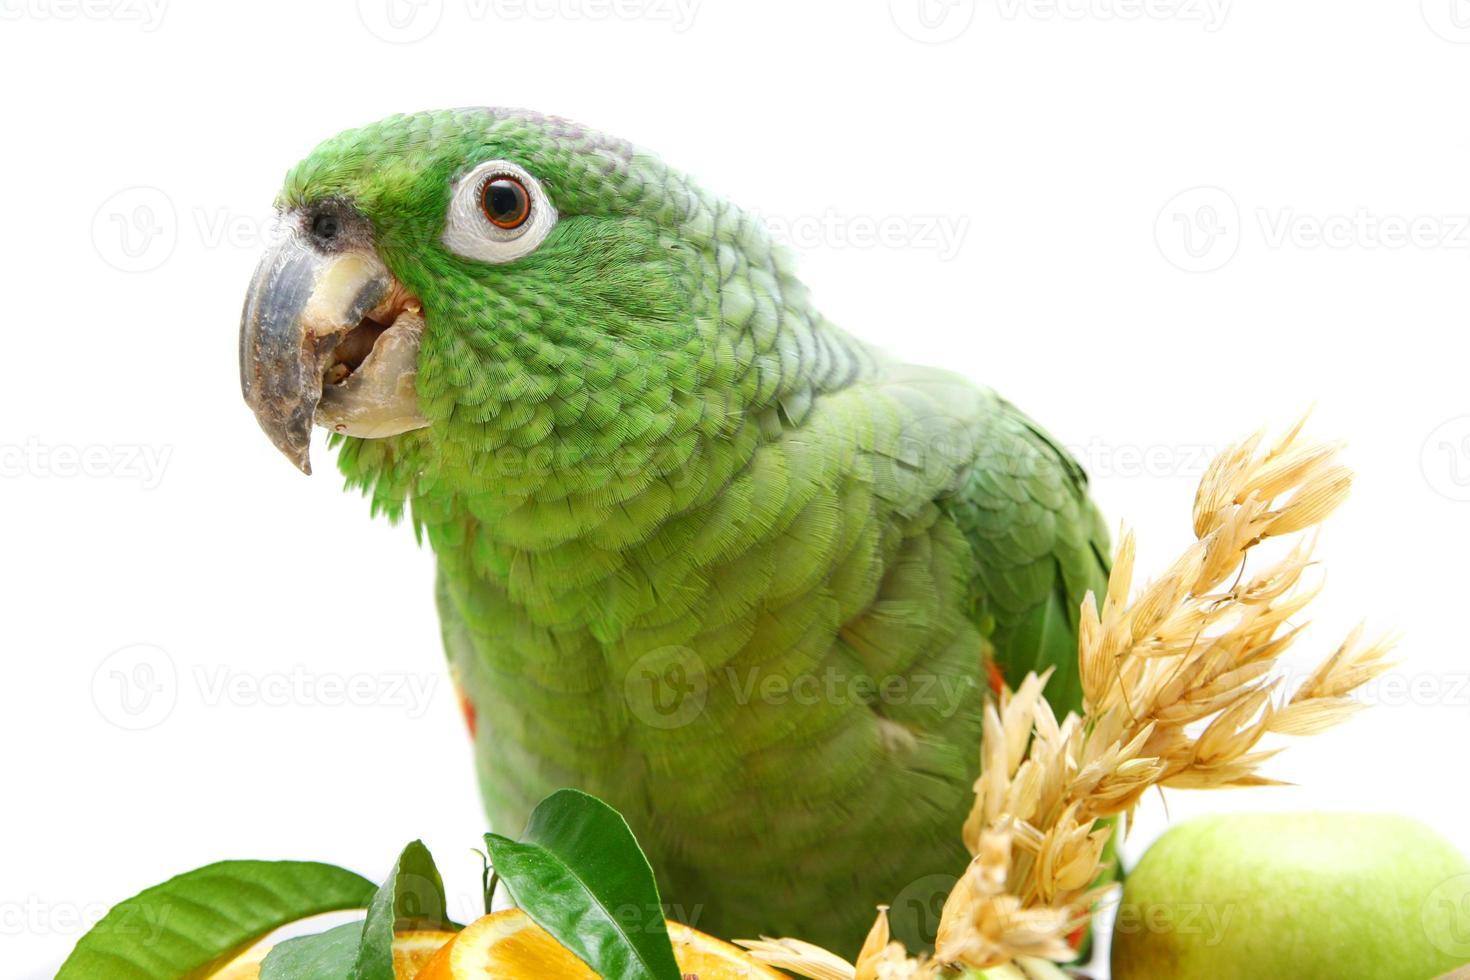 papagaio de mealy amazon comendo em branco foto